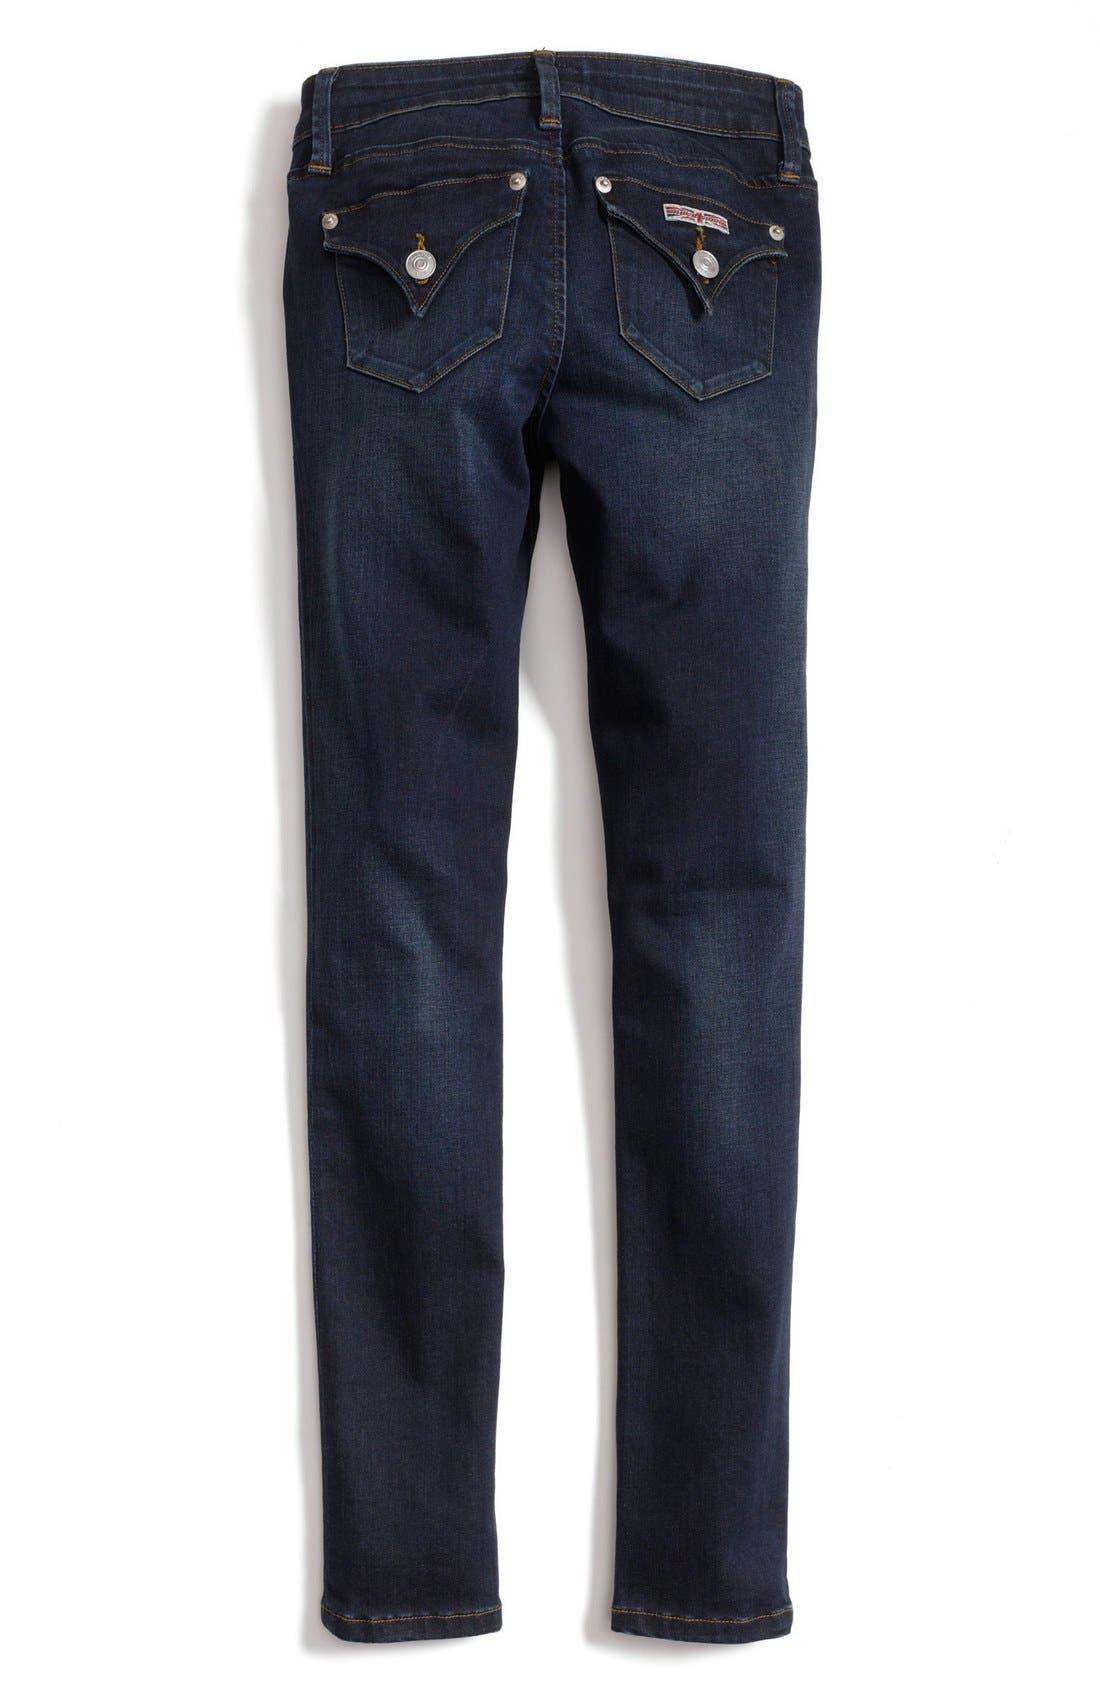 Main Image - Hudson Kids 'Collin' Skinny Jeans (Toddler Girls & Little Girls)